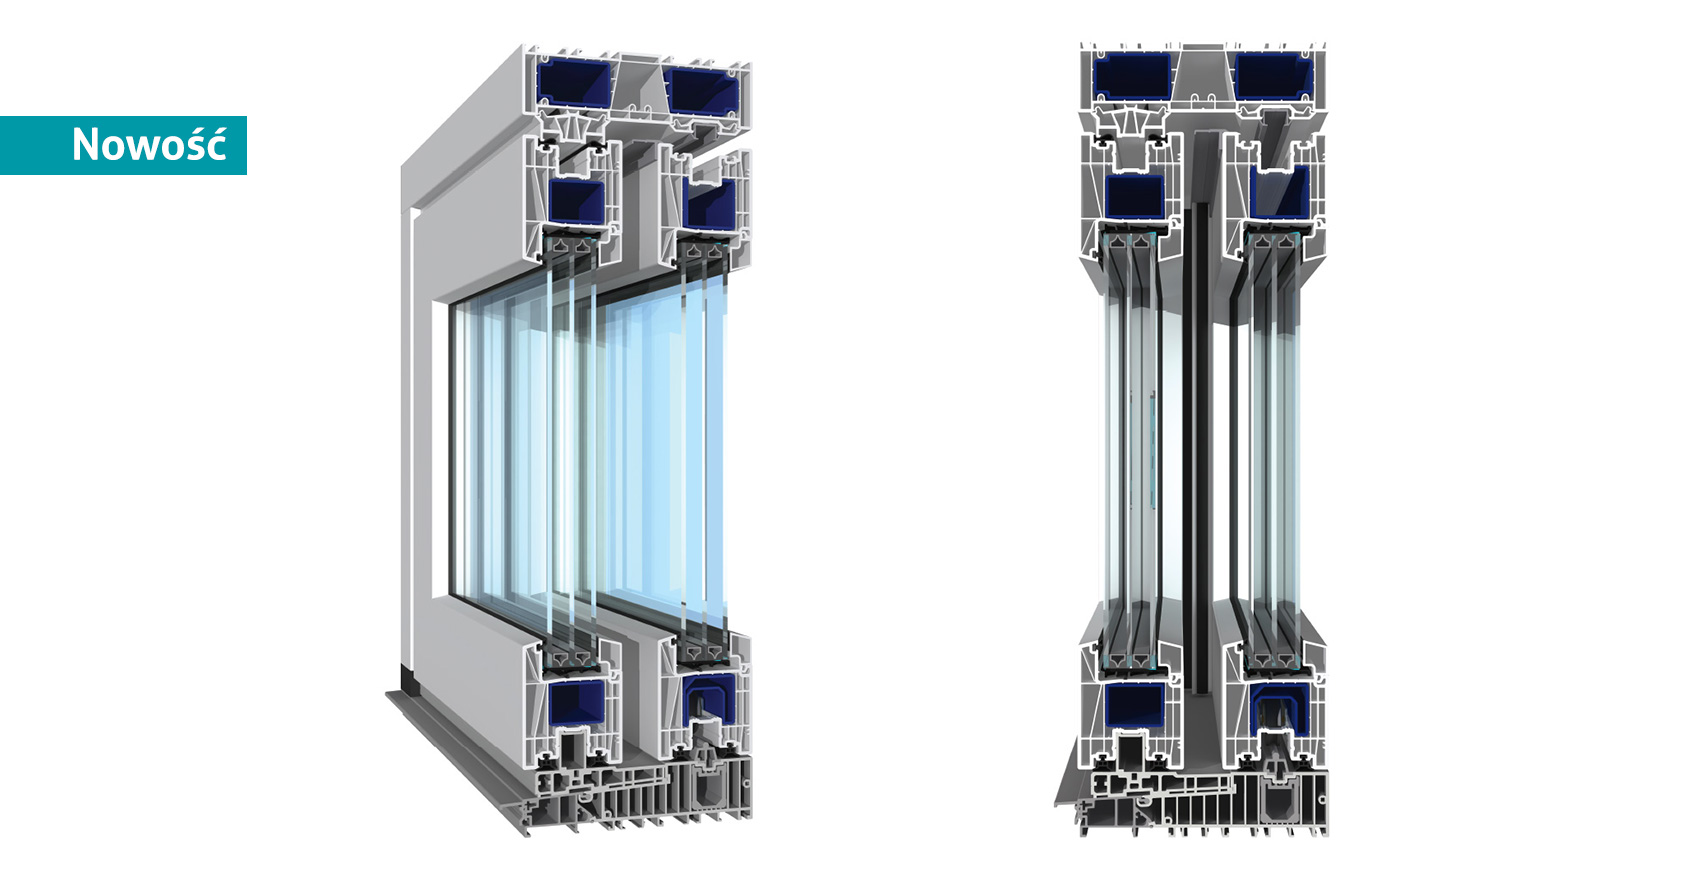 19026petecki2 - HS evolutionDrive - PETECKI przedstawia nowy system drzwi przesuwnych